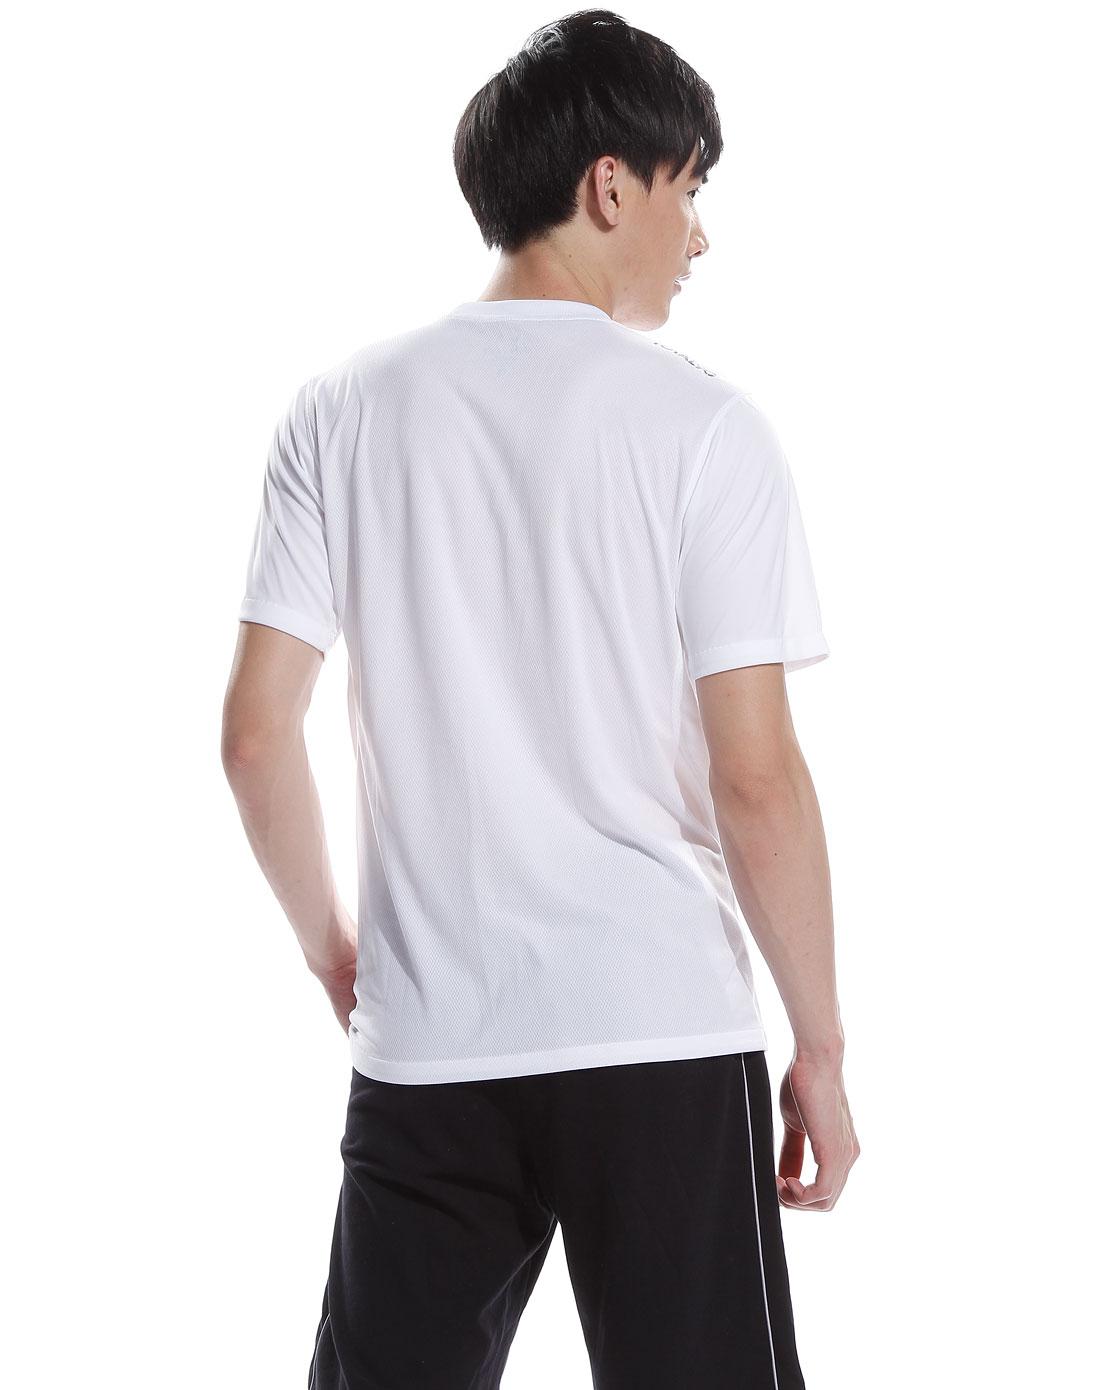 自制白衣服图案